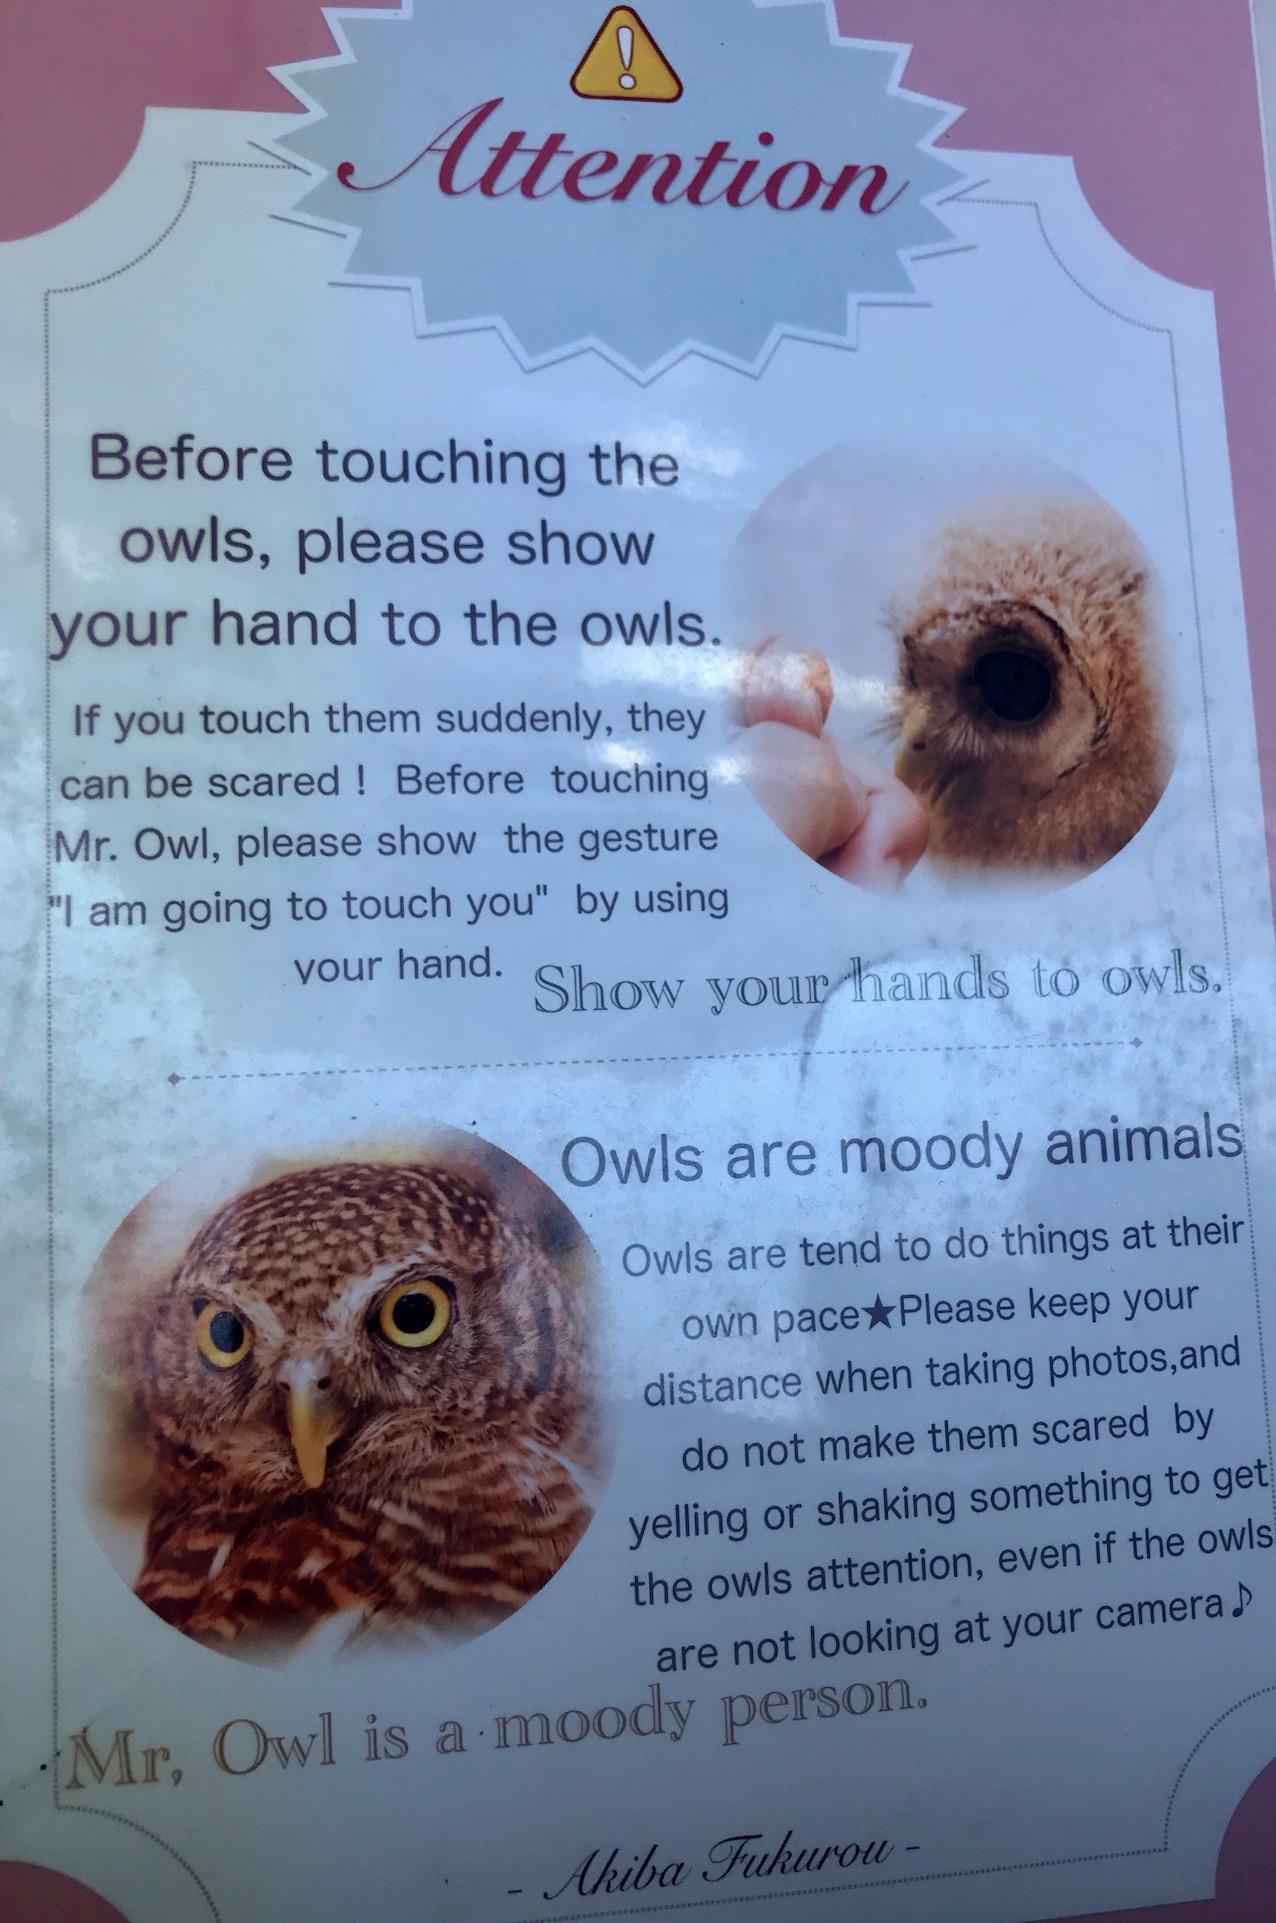 Owl cafe etiquette Akiba Fukurou Owl Cafe Akihabara Tokyo